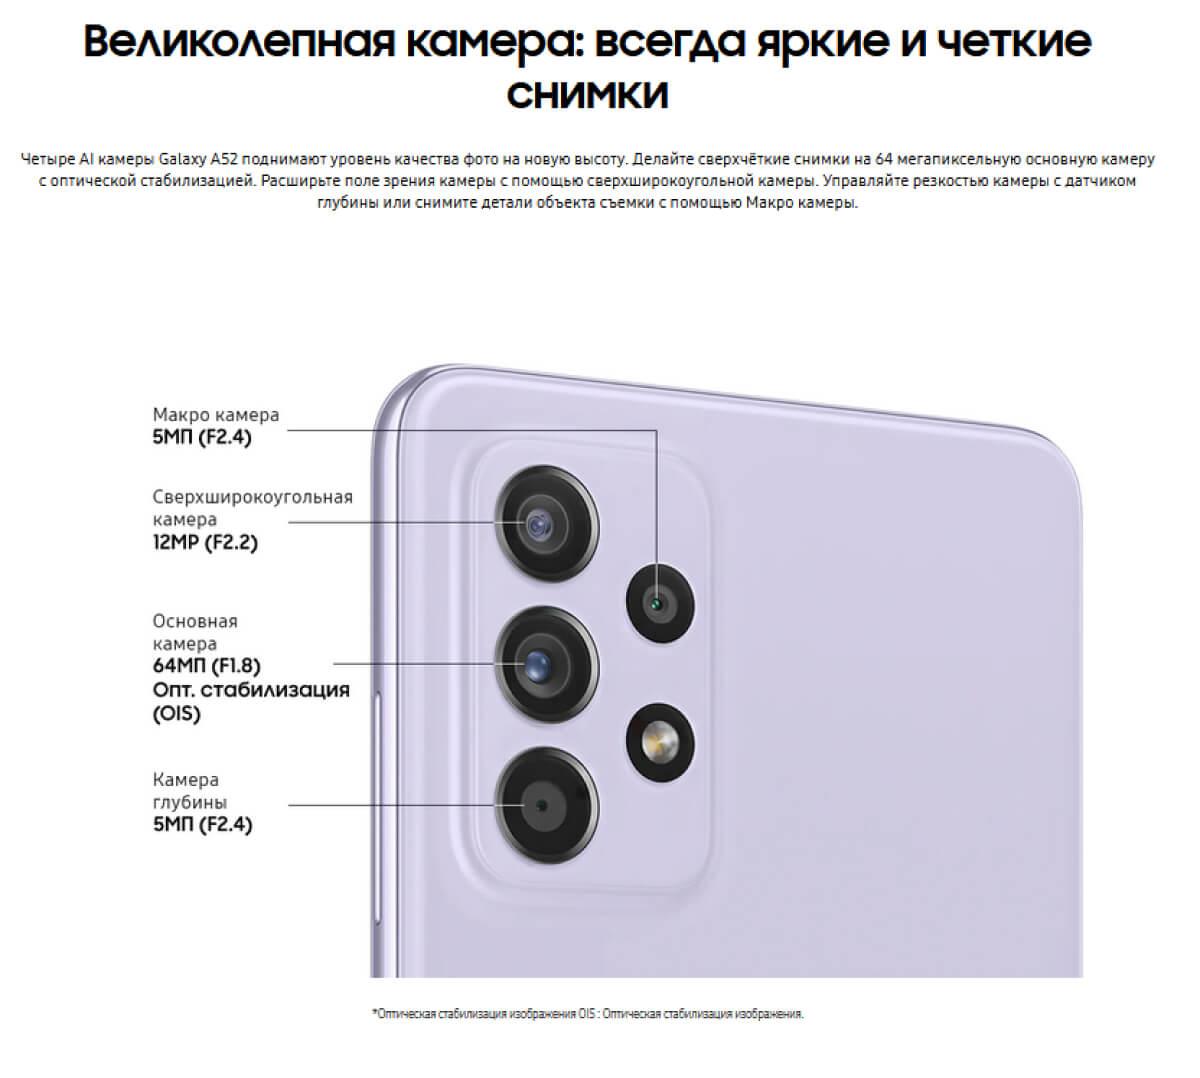 Samsung Galaxy A52 8/256 GB Чёрный купить